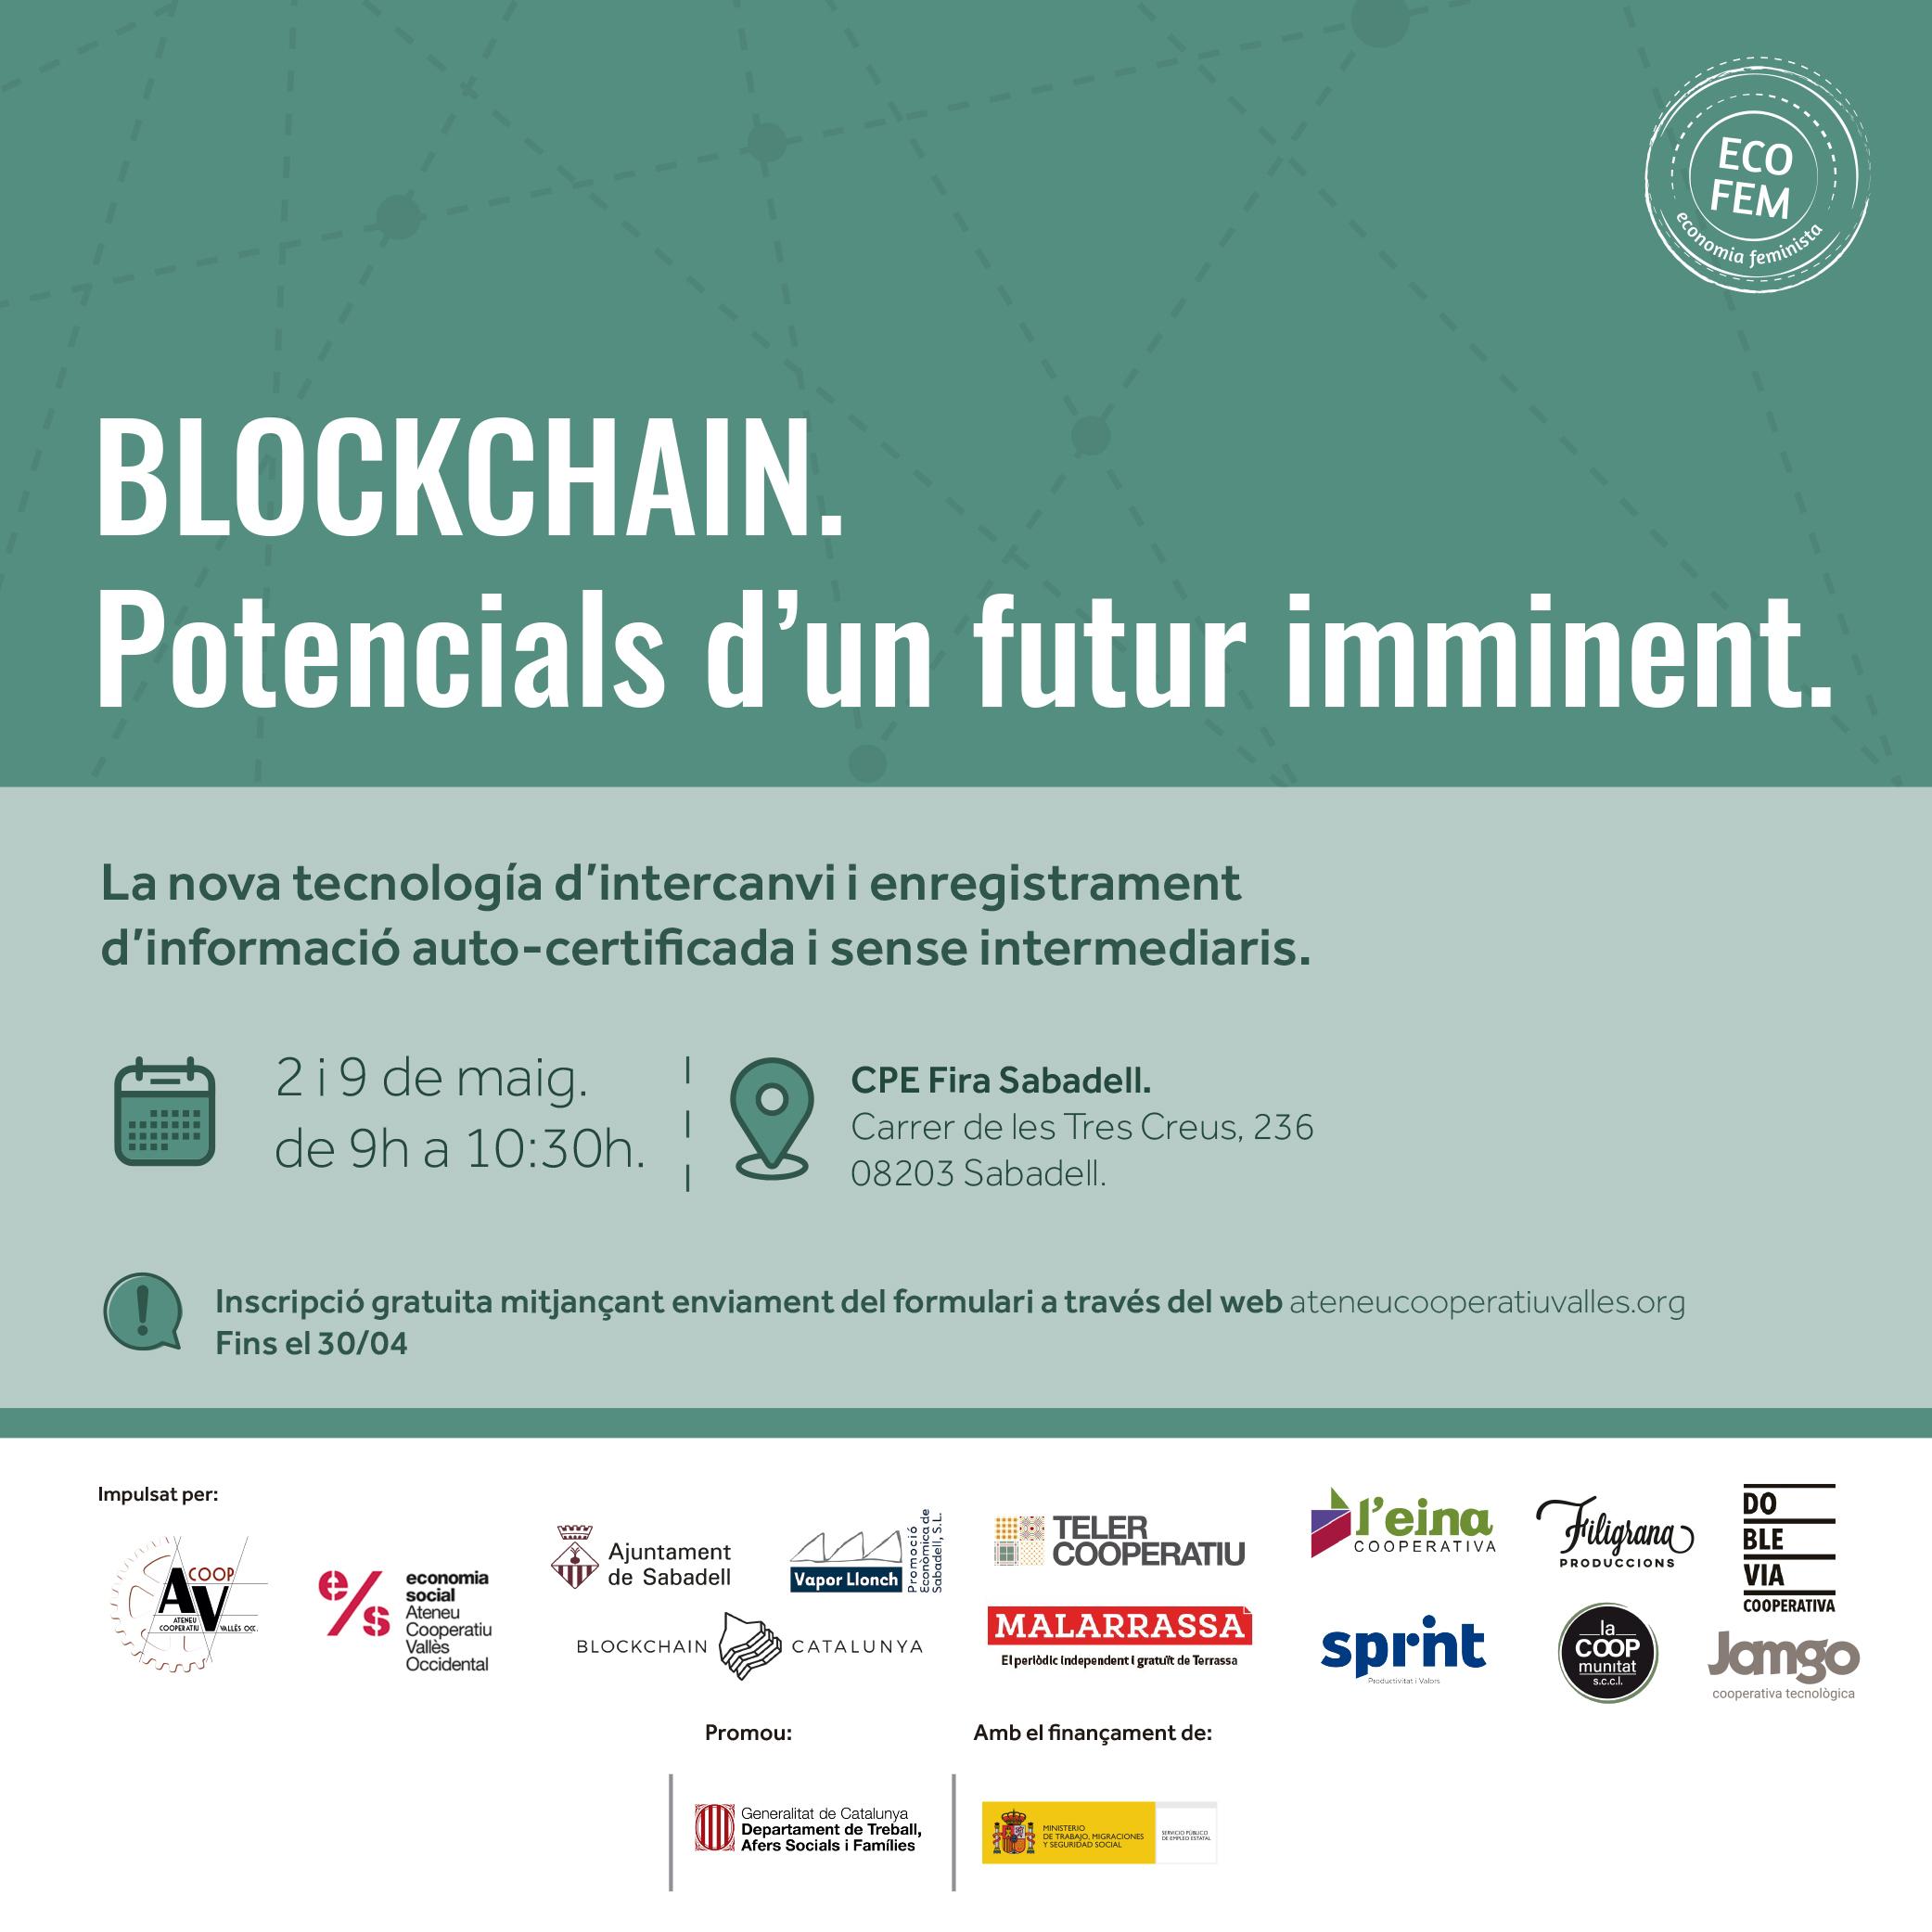 Curs de Blockchain de La Coopmunitat. Una base de dades distribuida id escentralitzada